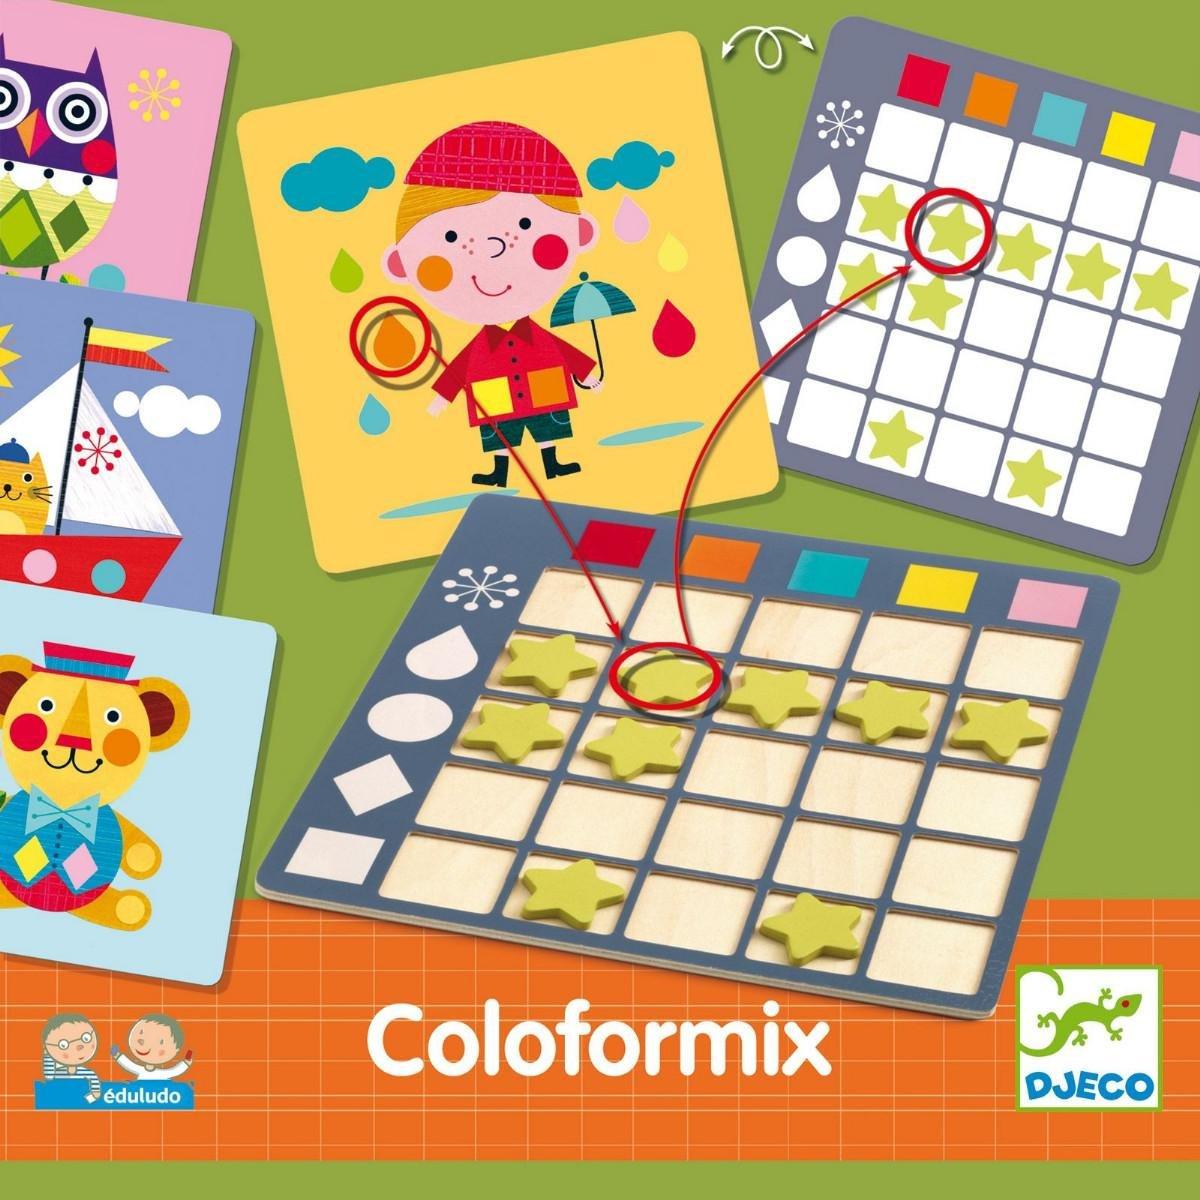 Djeco- Juegos de Acción Y Reflejos Educativos Eduludo Coloformix, Multicolor (15): Amazon.es: Juguetes y juegos